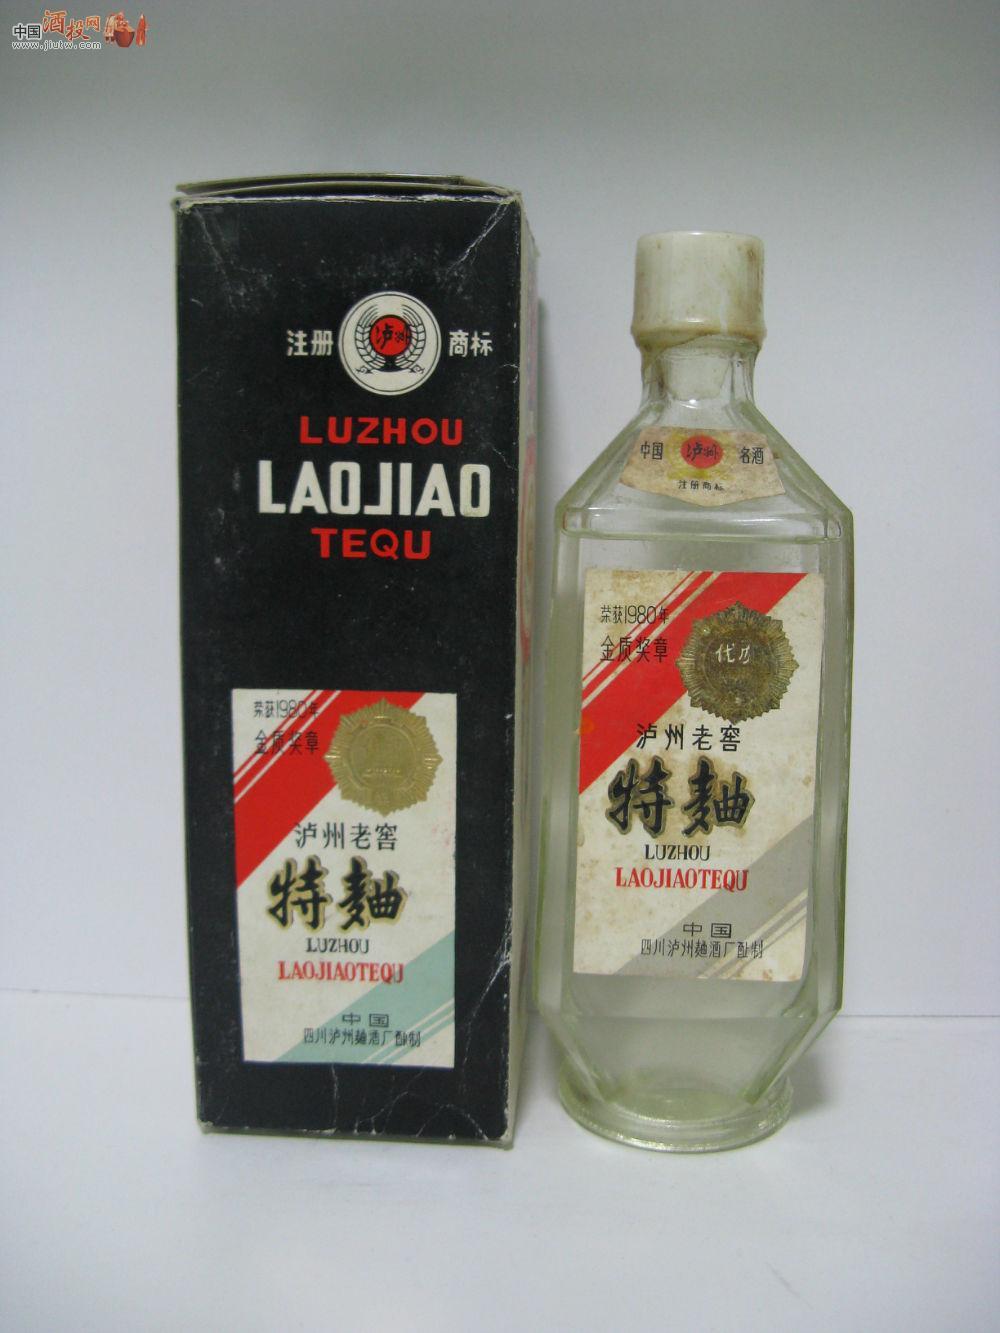 ...带原 盒子 的泸州老窖特曲 价格表 中国酒投